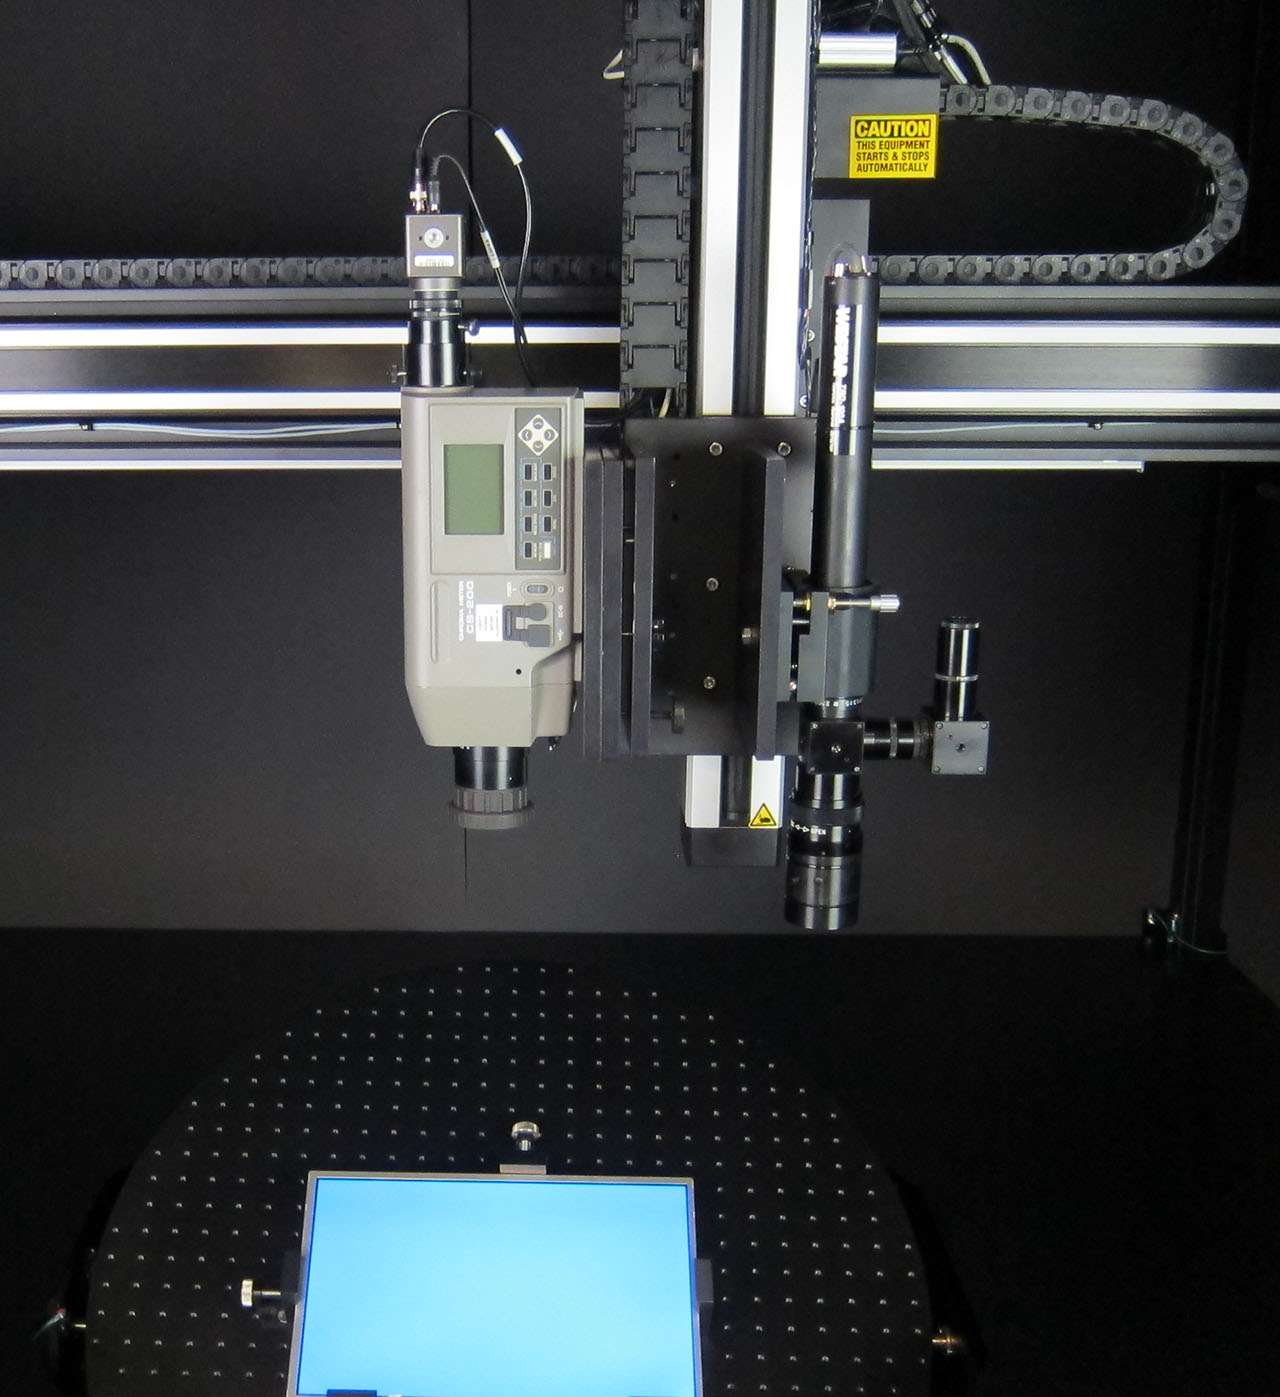 Instrument Deck - FPM H Series